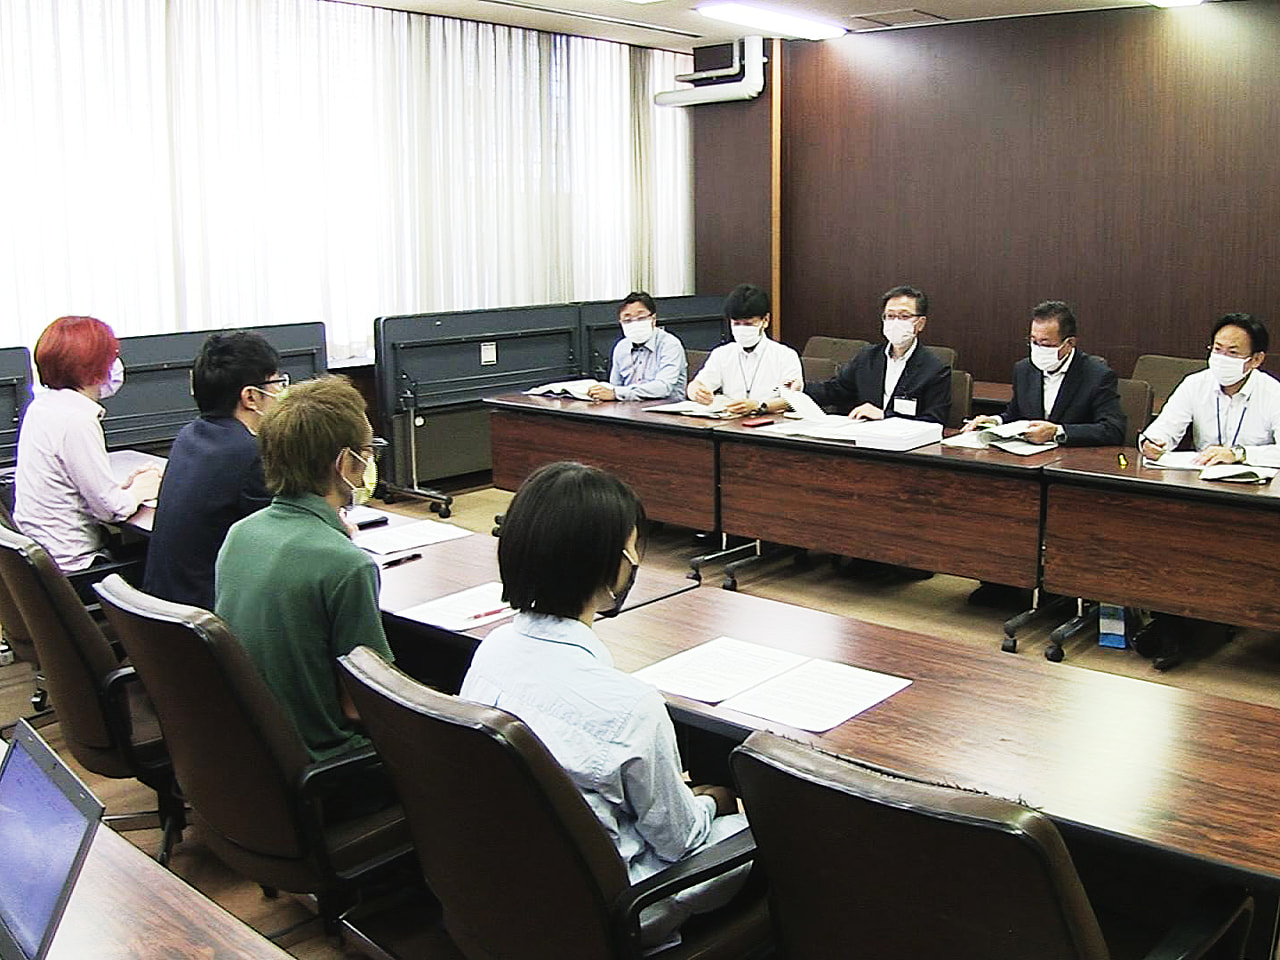 学校の校則見直しをめぐる議論が各地で広がる中、中学生や教員が岐阜県庁を訪れ、制服...